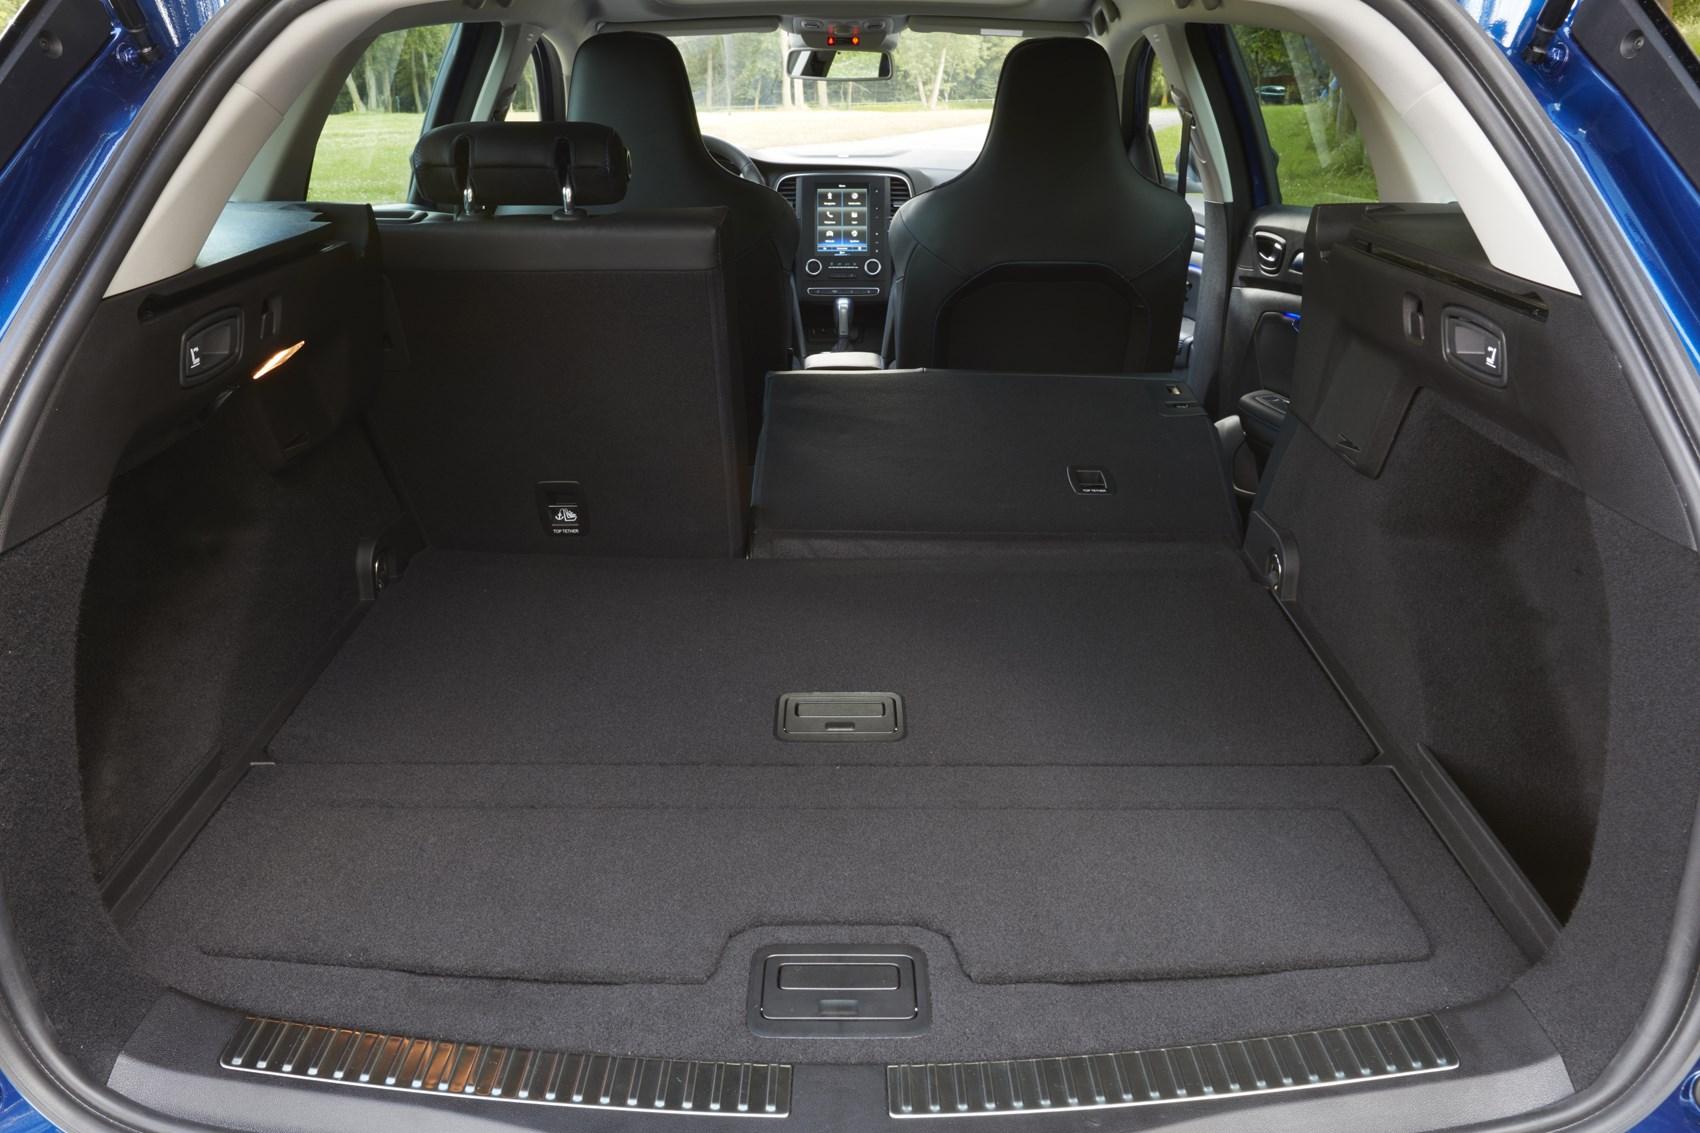 renault megane sport tourer equipment safety and interior. Black Bedroom Furniture Sets. Home Design Ideas